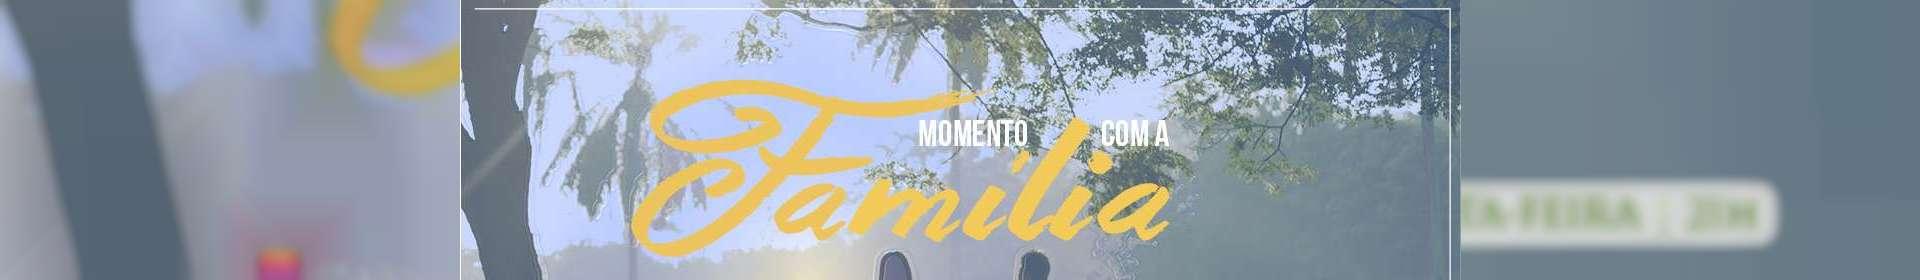 Programa Momento com a Família - 31/05/2019